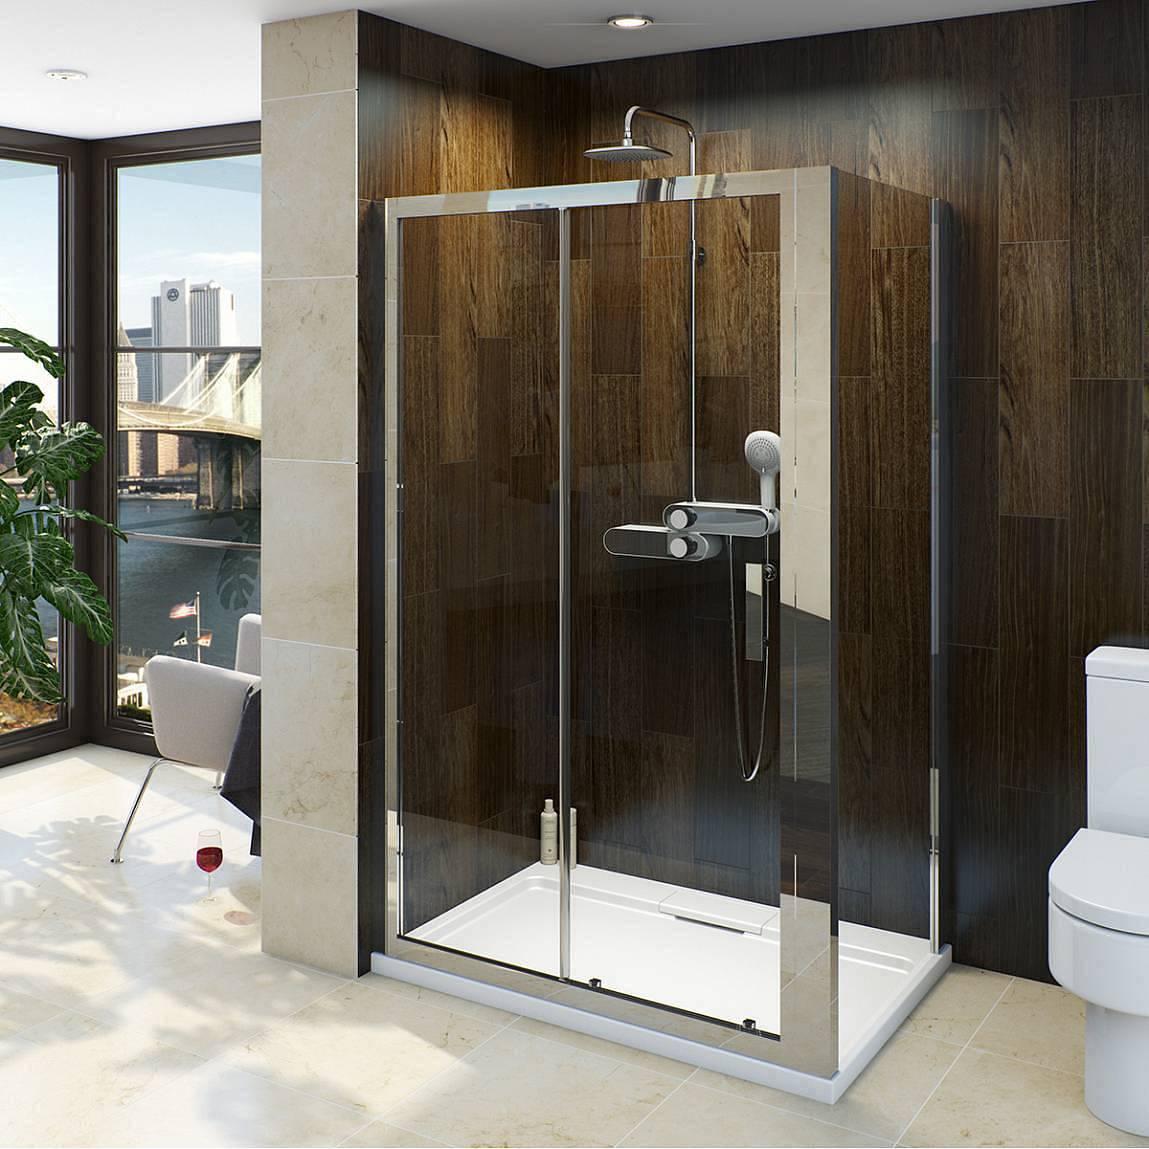 Image of V8 Framed Sliding Shower Enclosure 1200 x 700